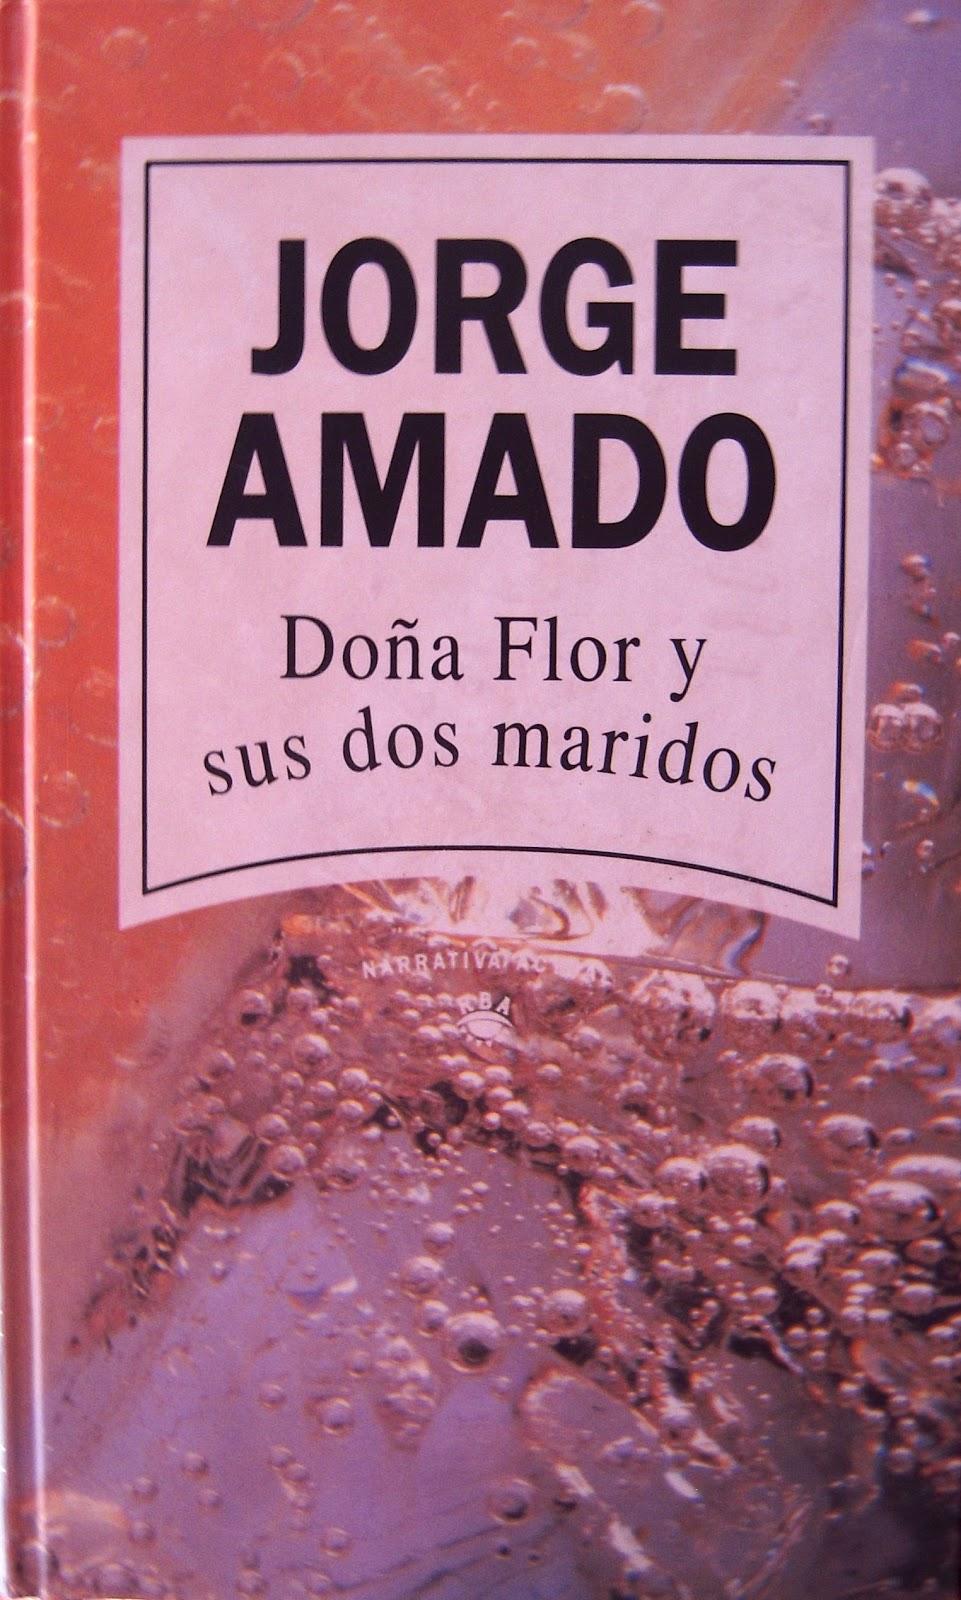 RESUMEN DOÑA FLOR Y SUS DOS MARIDOS - Jorge Amado